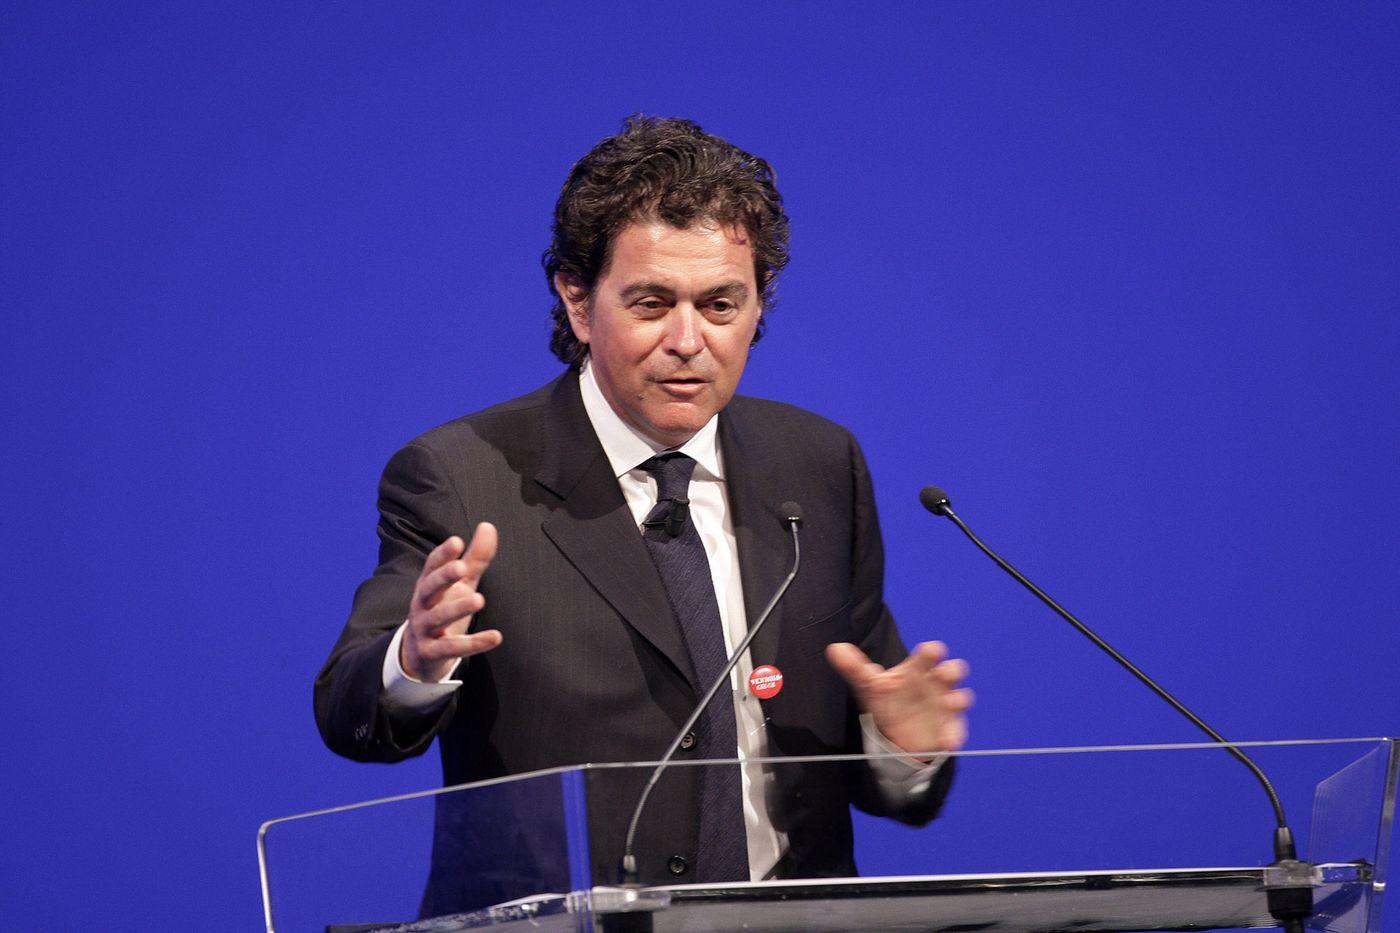 وفاة الإيطالي ألبرتو أليسينا اقتصادي 1387696-132235872.jp